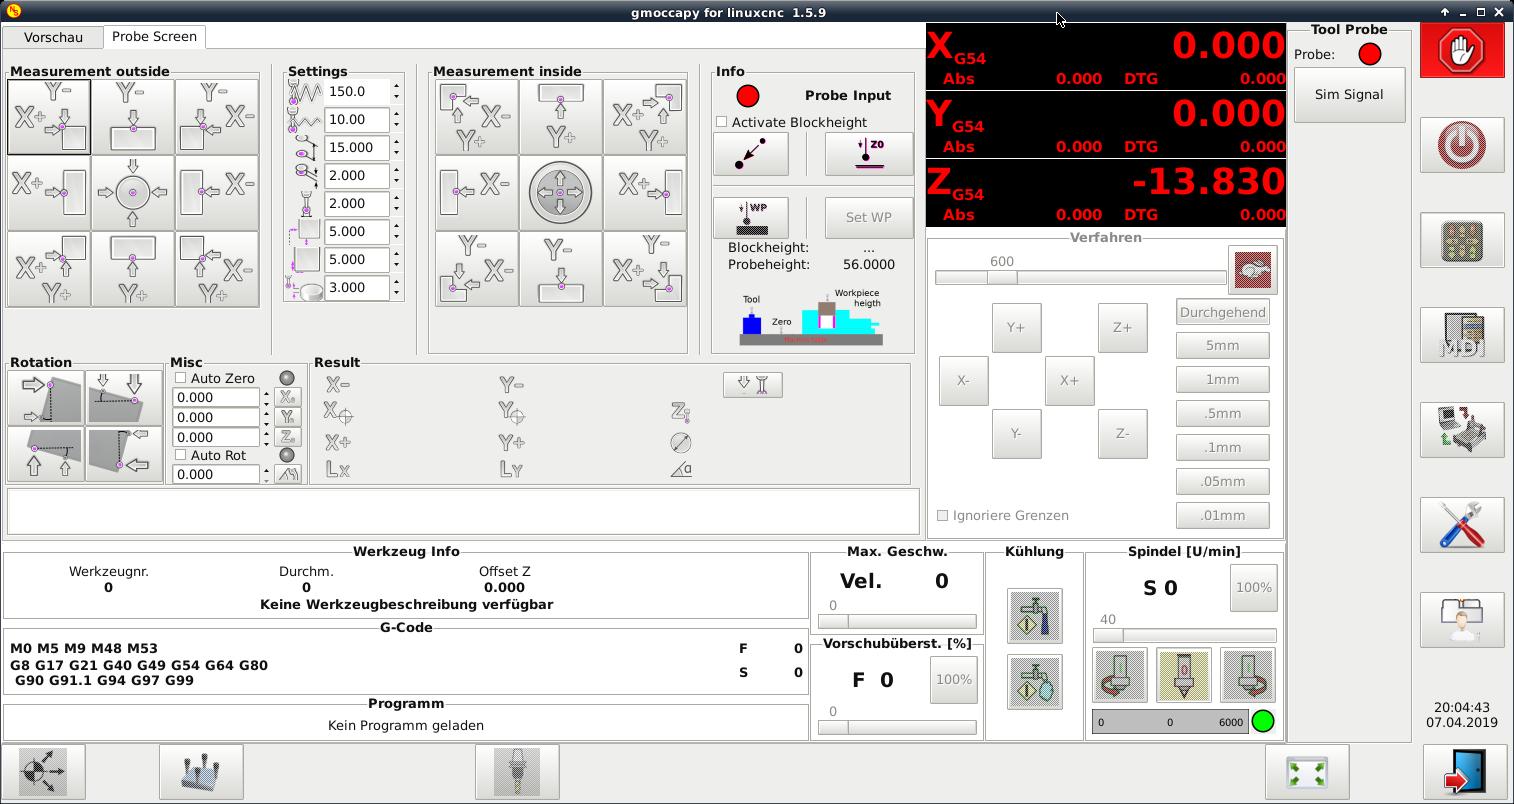 probe_screen_erweiterung.png